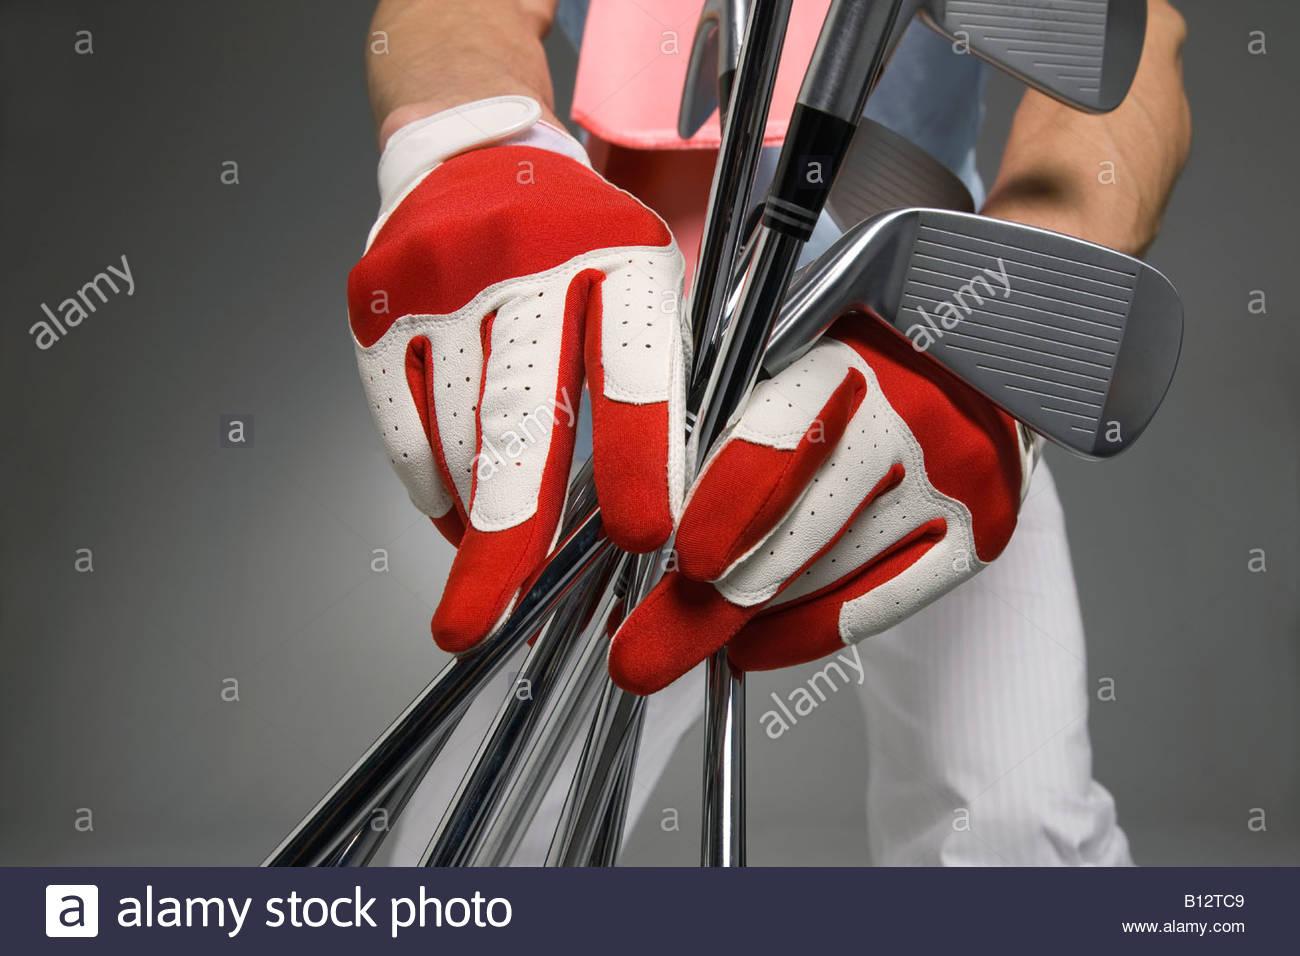 Central vista de joven sosteniendo los palos de golf, Foto de estudio Imagen De Stock